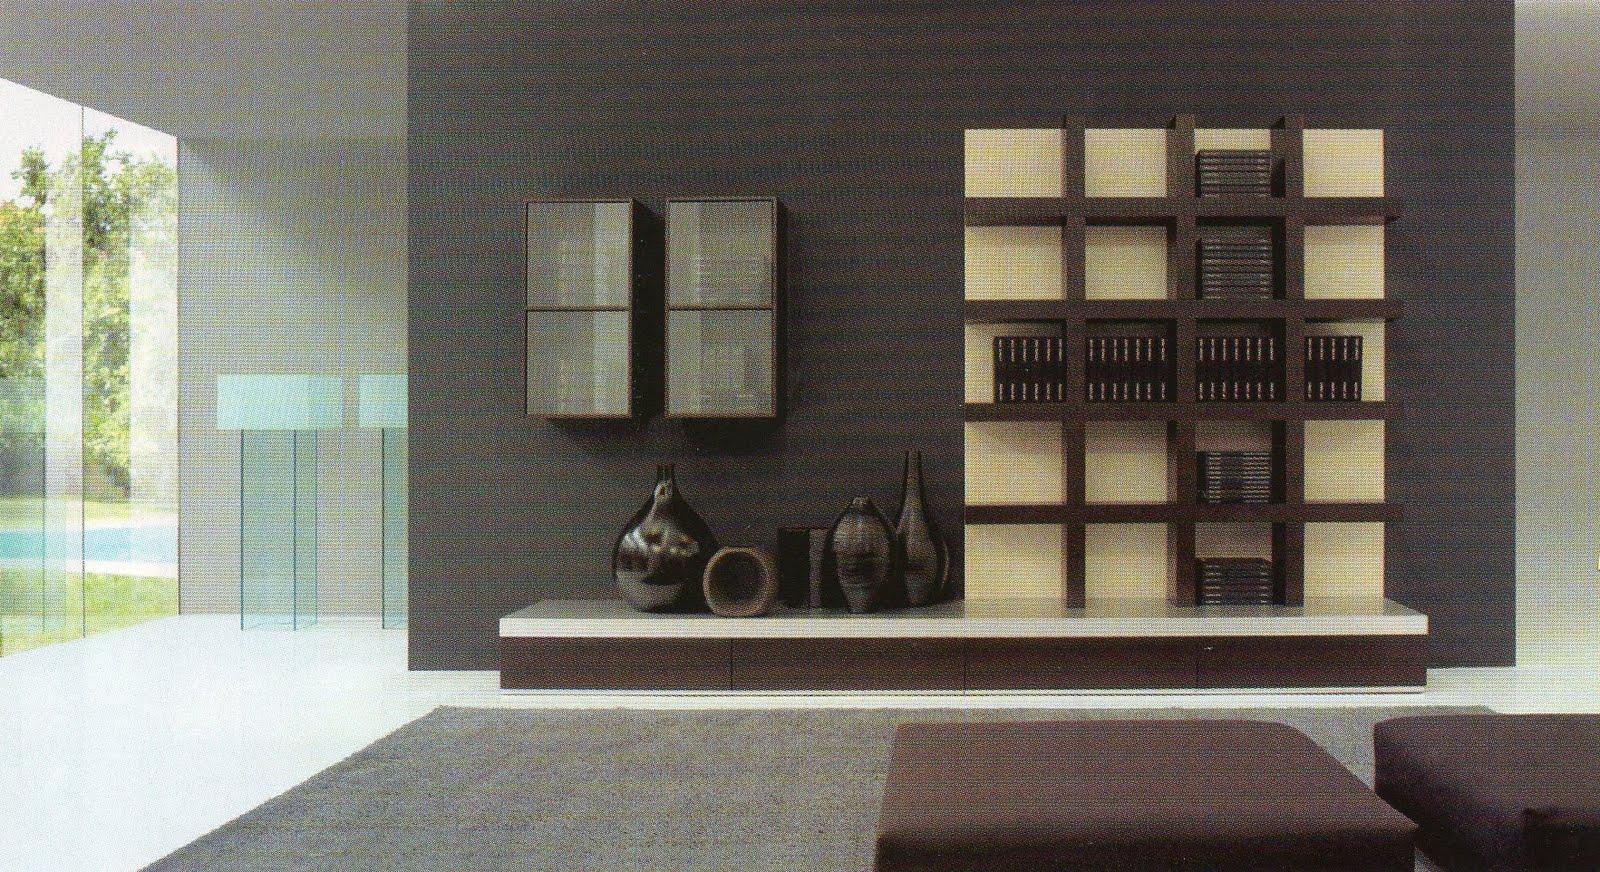 Arquitectura, Diseño y Decoración Alejandro Fernandez El Potrillo